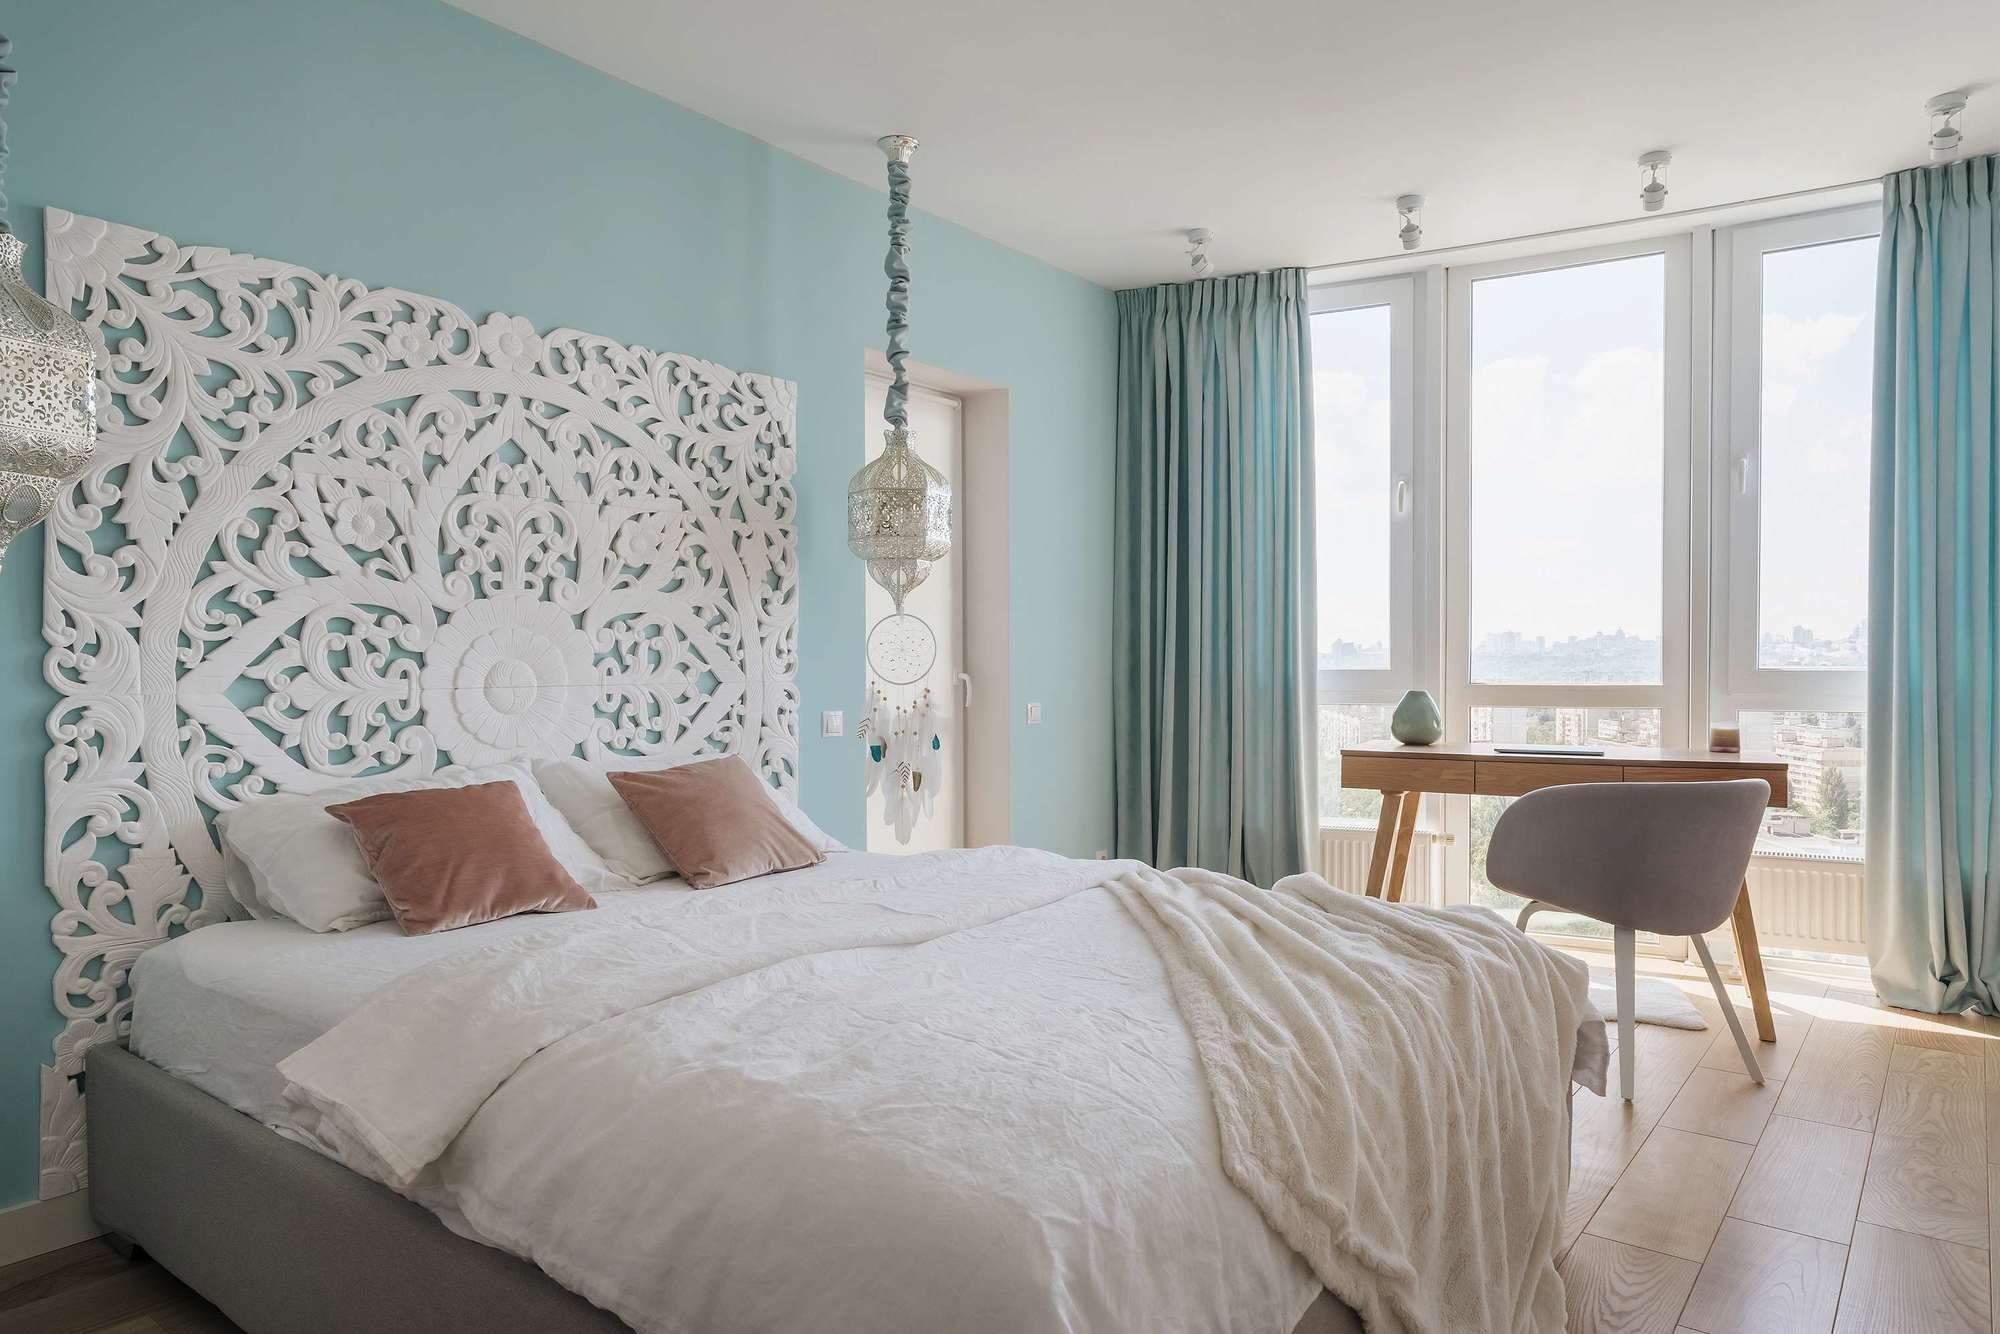 Спальня з оригінальним декором на стіні